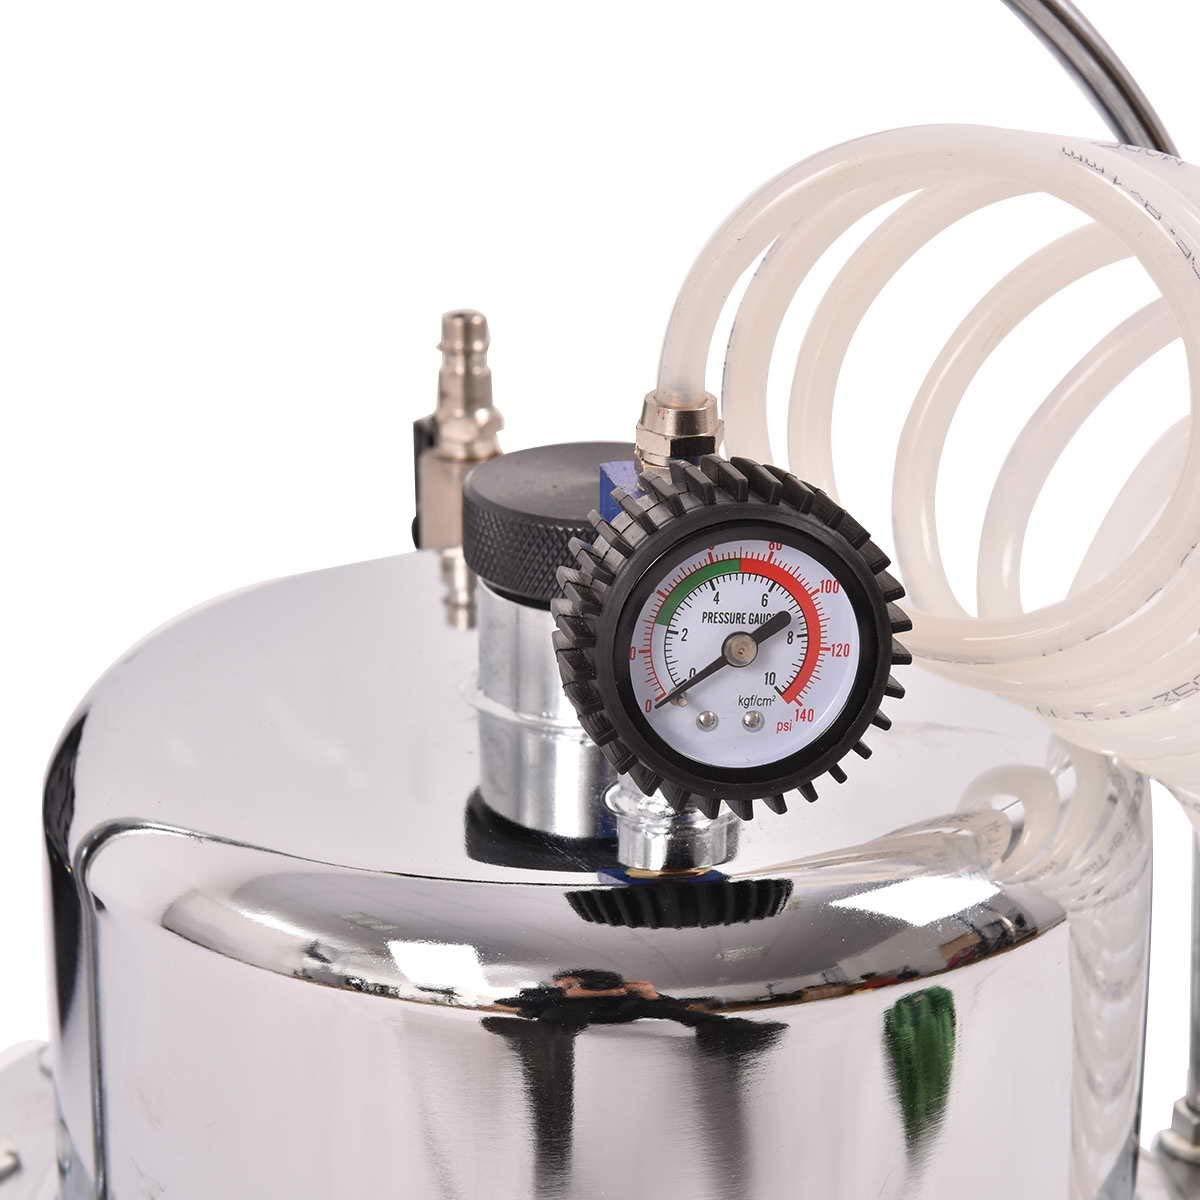 Goplus Pneumatic Air Pressure Brake Bleeding Kit Garage Workshop Mechanics Brake Oil and Fluid Extractor Bleeder Tool w/Case (Red) by Goplus (Image #4)